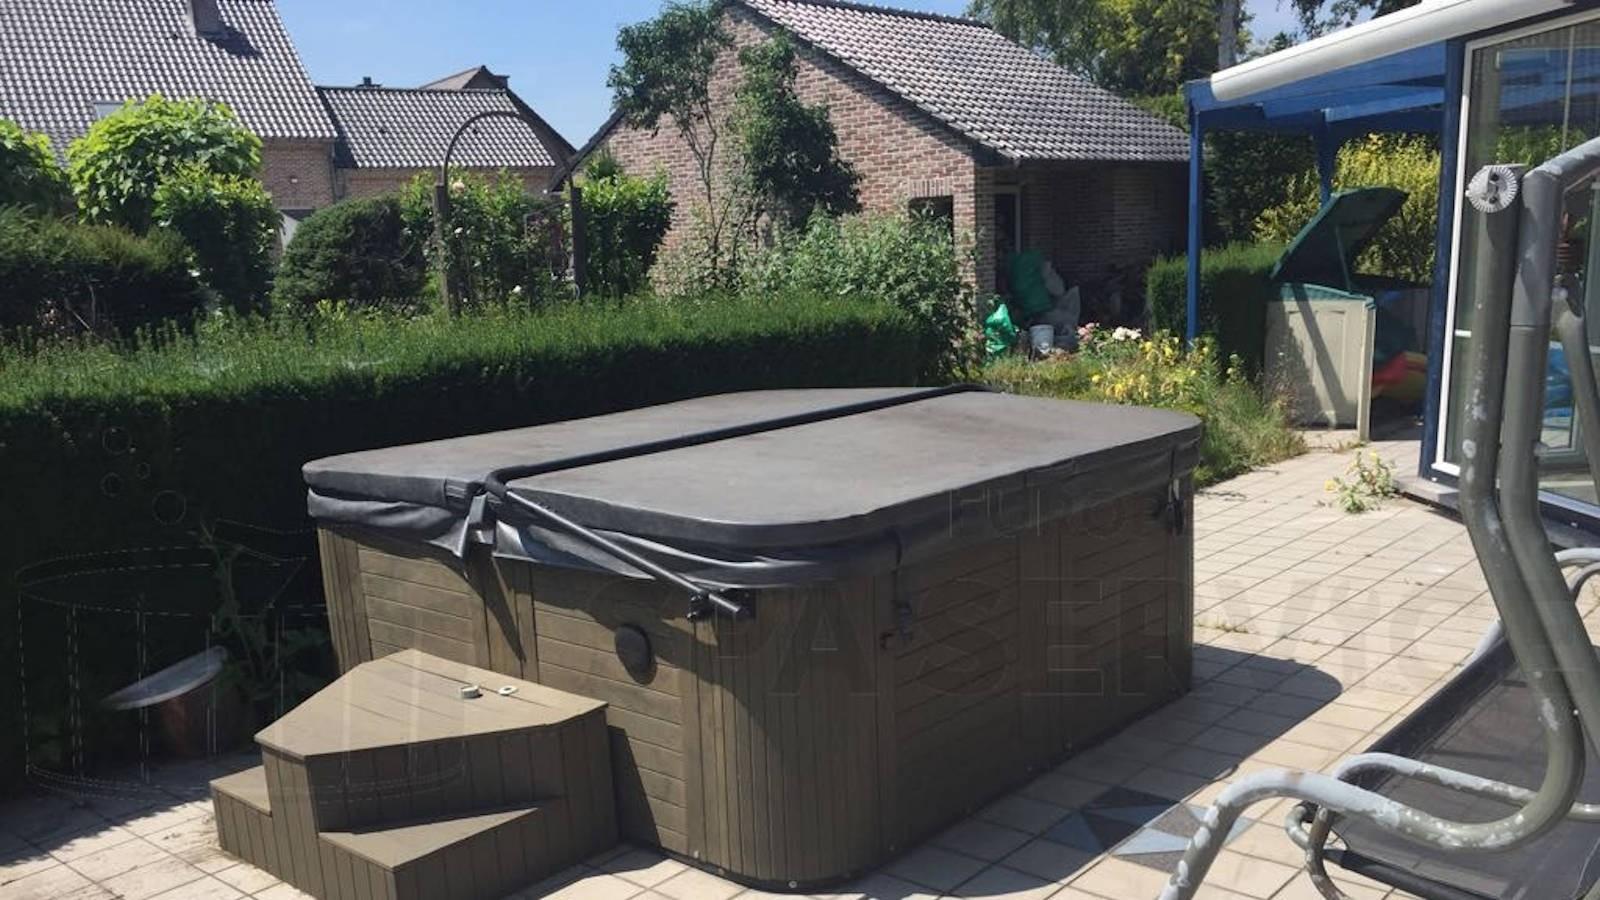 Circulatiepomp vervangen van een Chinese spa in Lanaken België